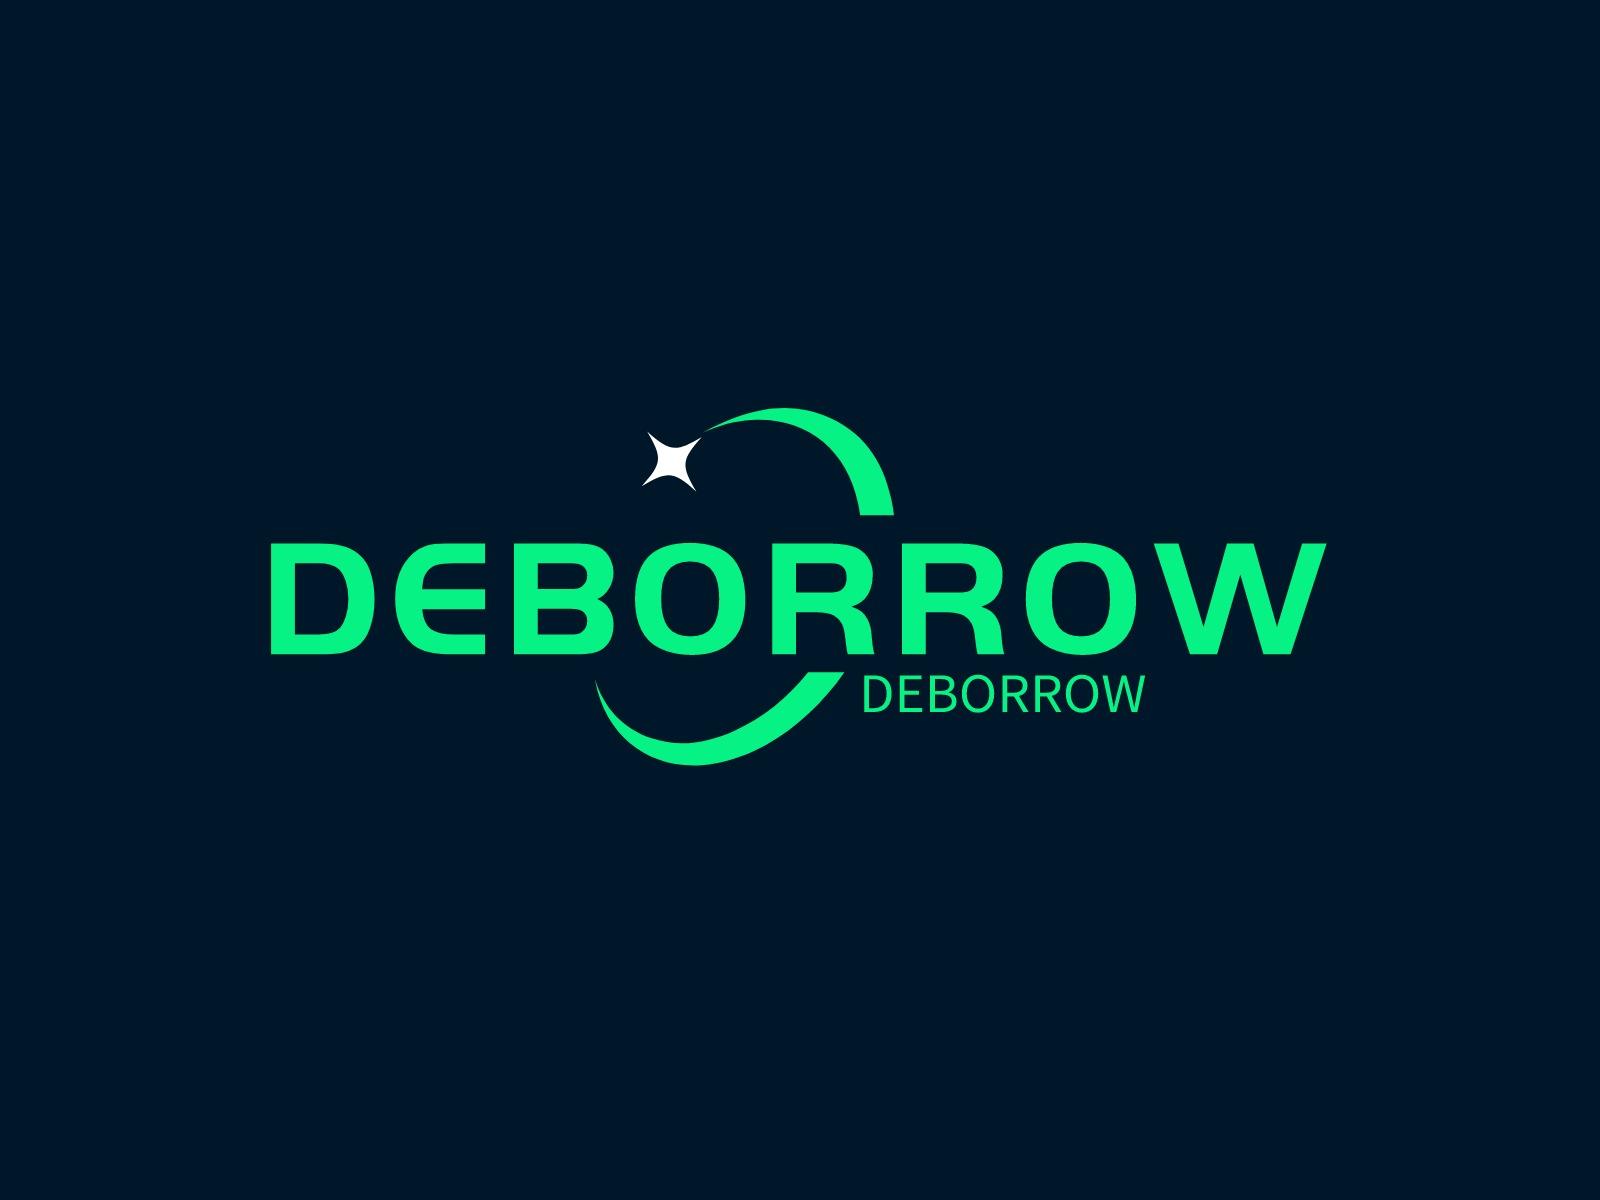 deborrow.jpg